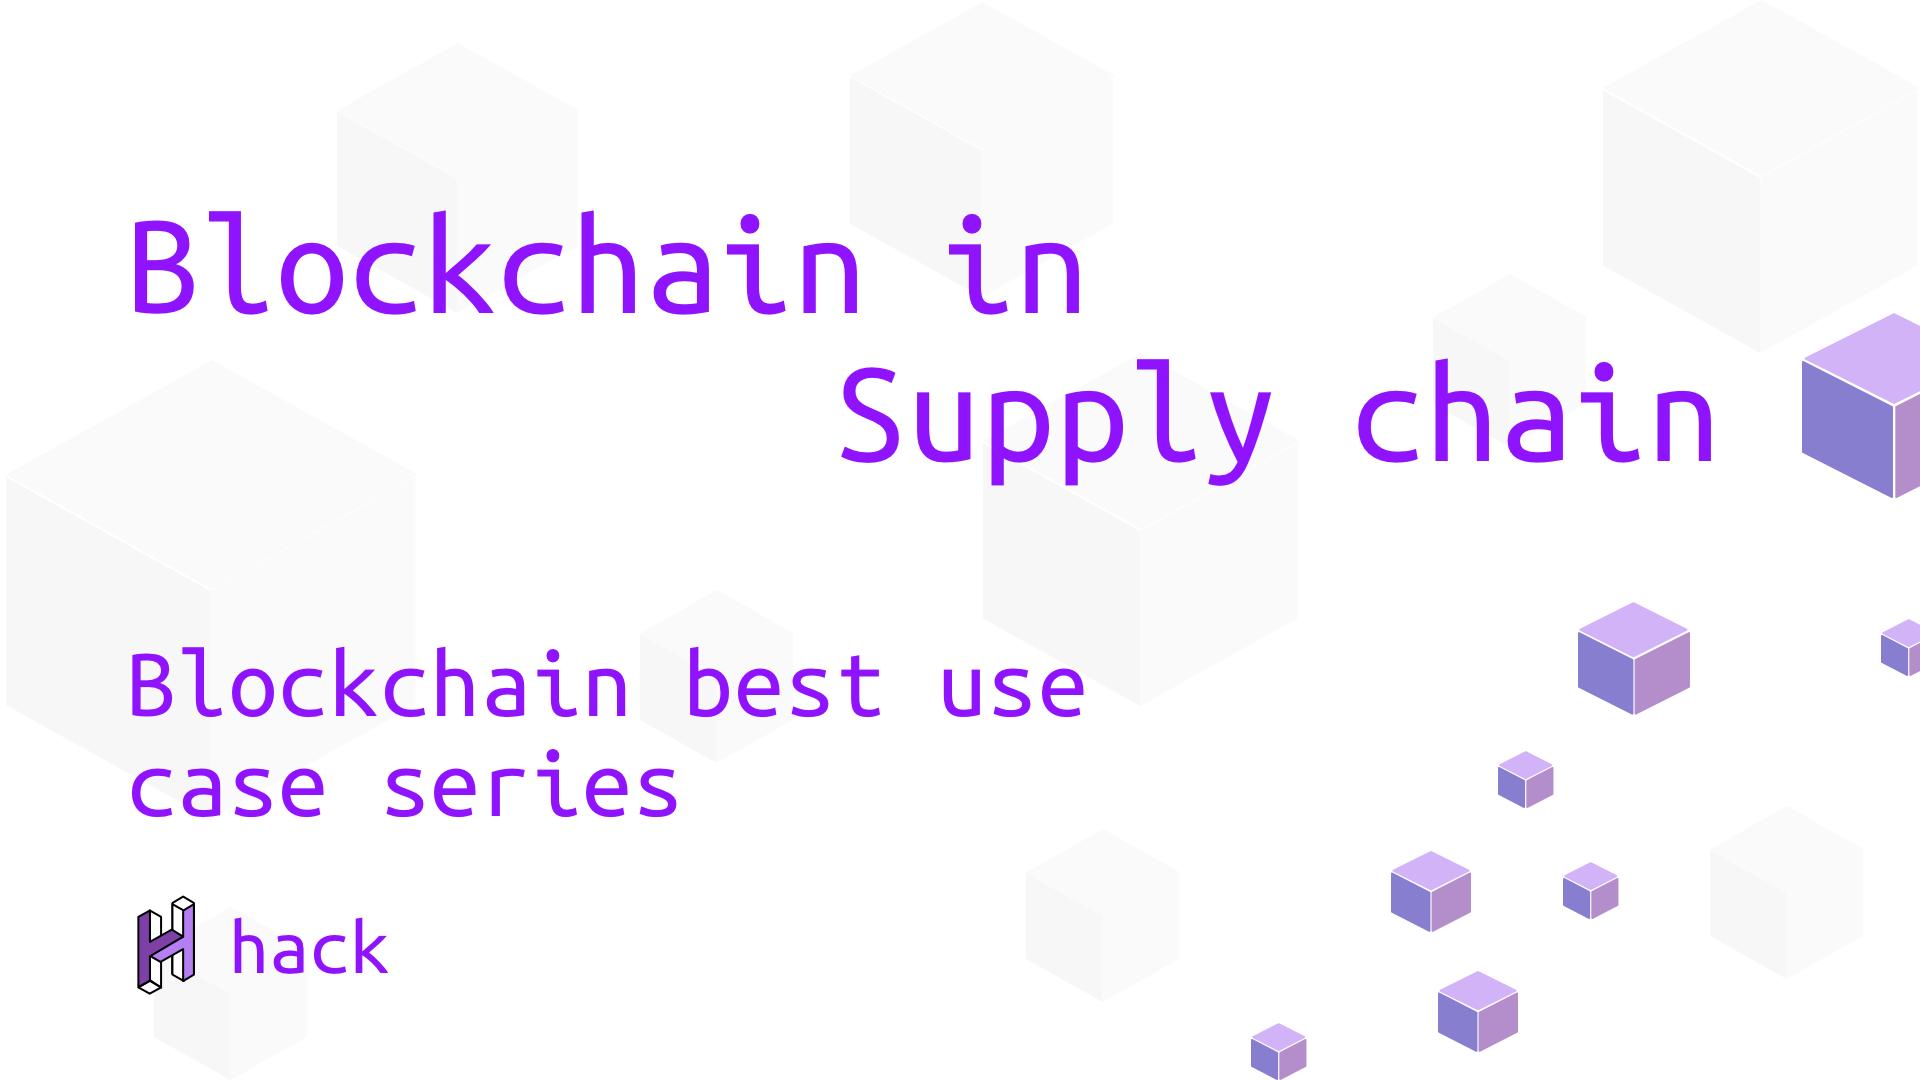 Blockchain in Supply chain - Blockchain best use case series